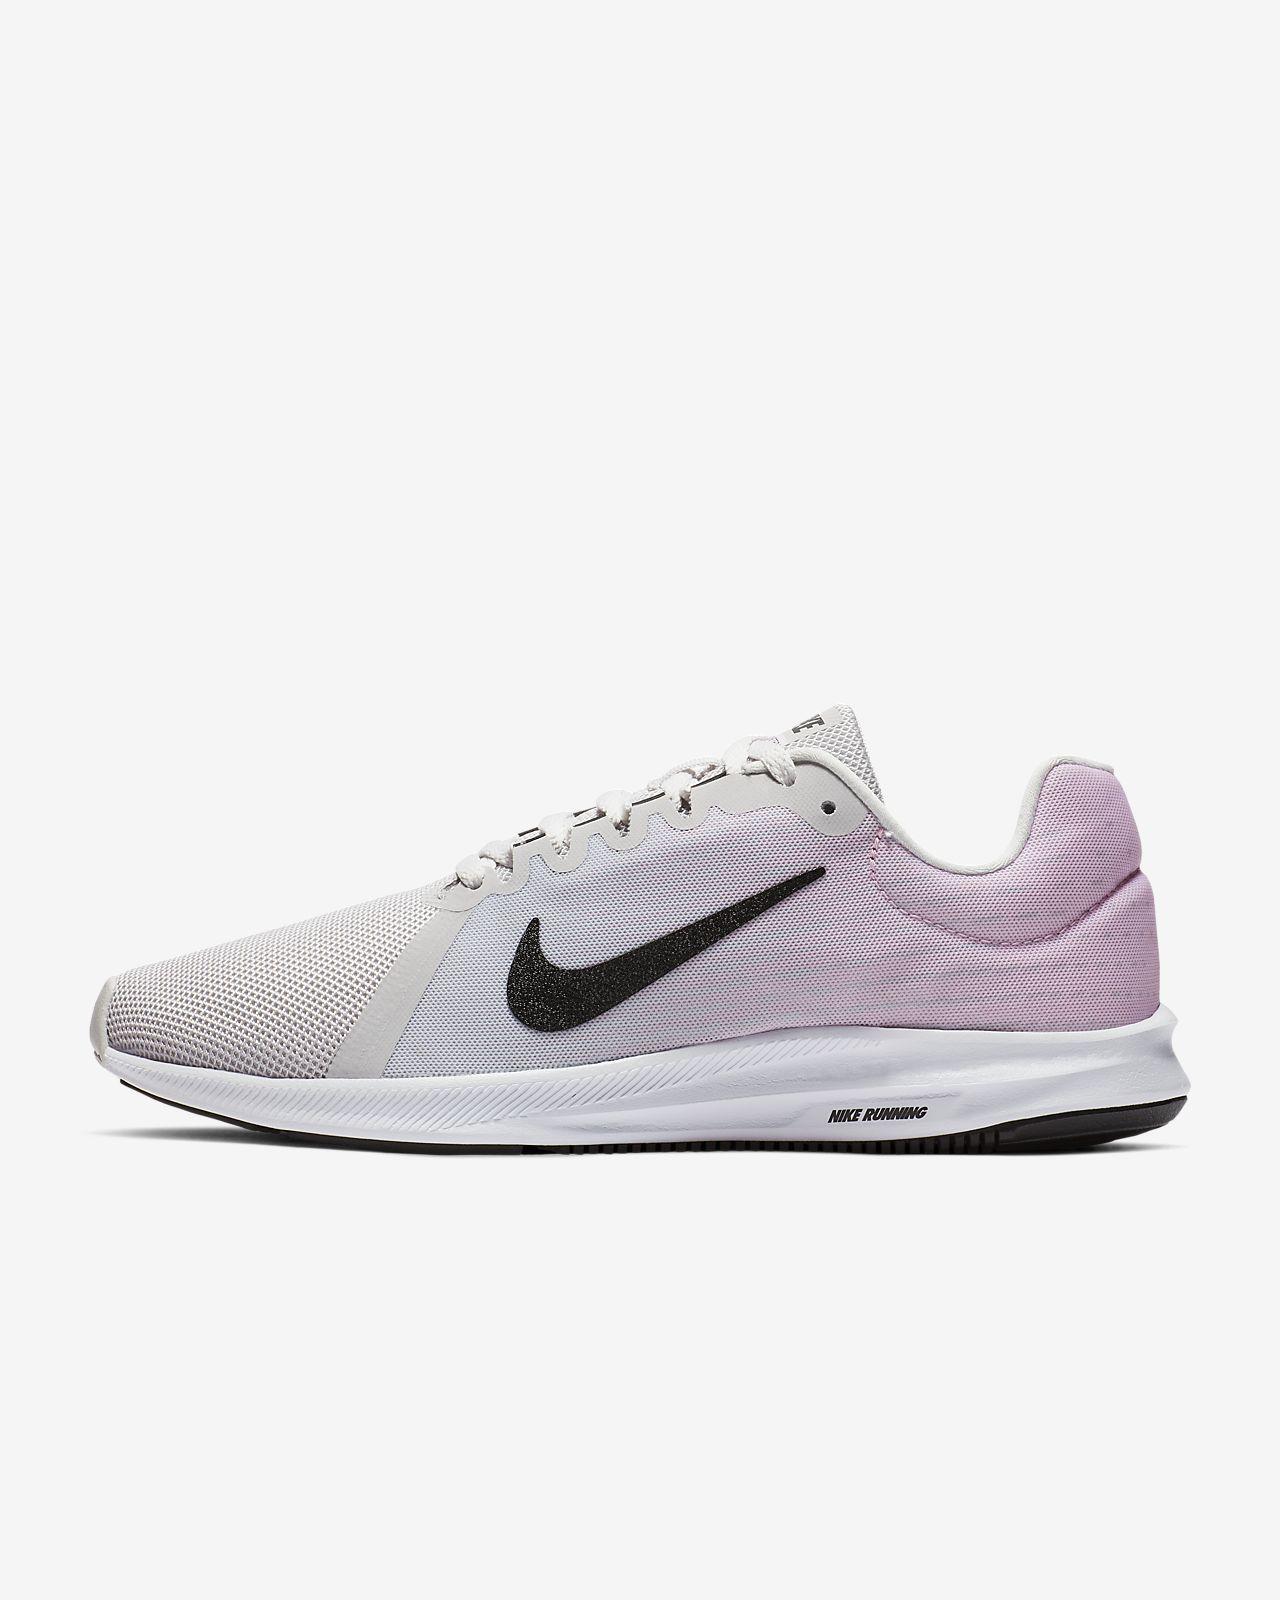 Nike Cl Mujer 8 Downshifter Calzado De Para Running 0qw8IT